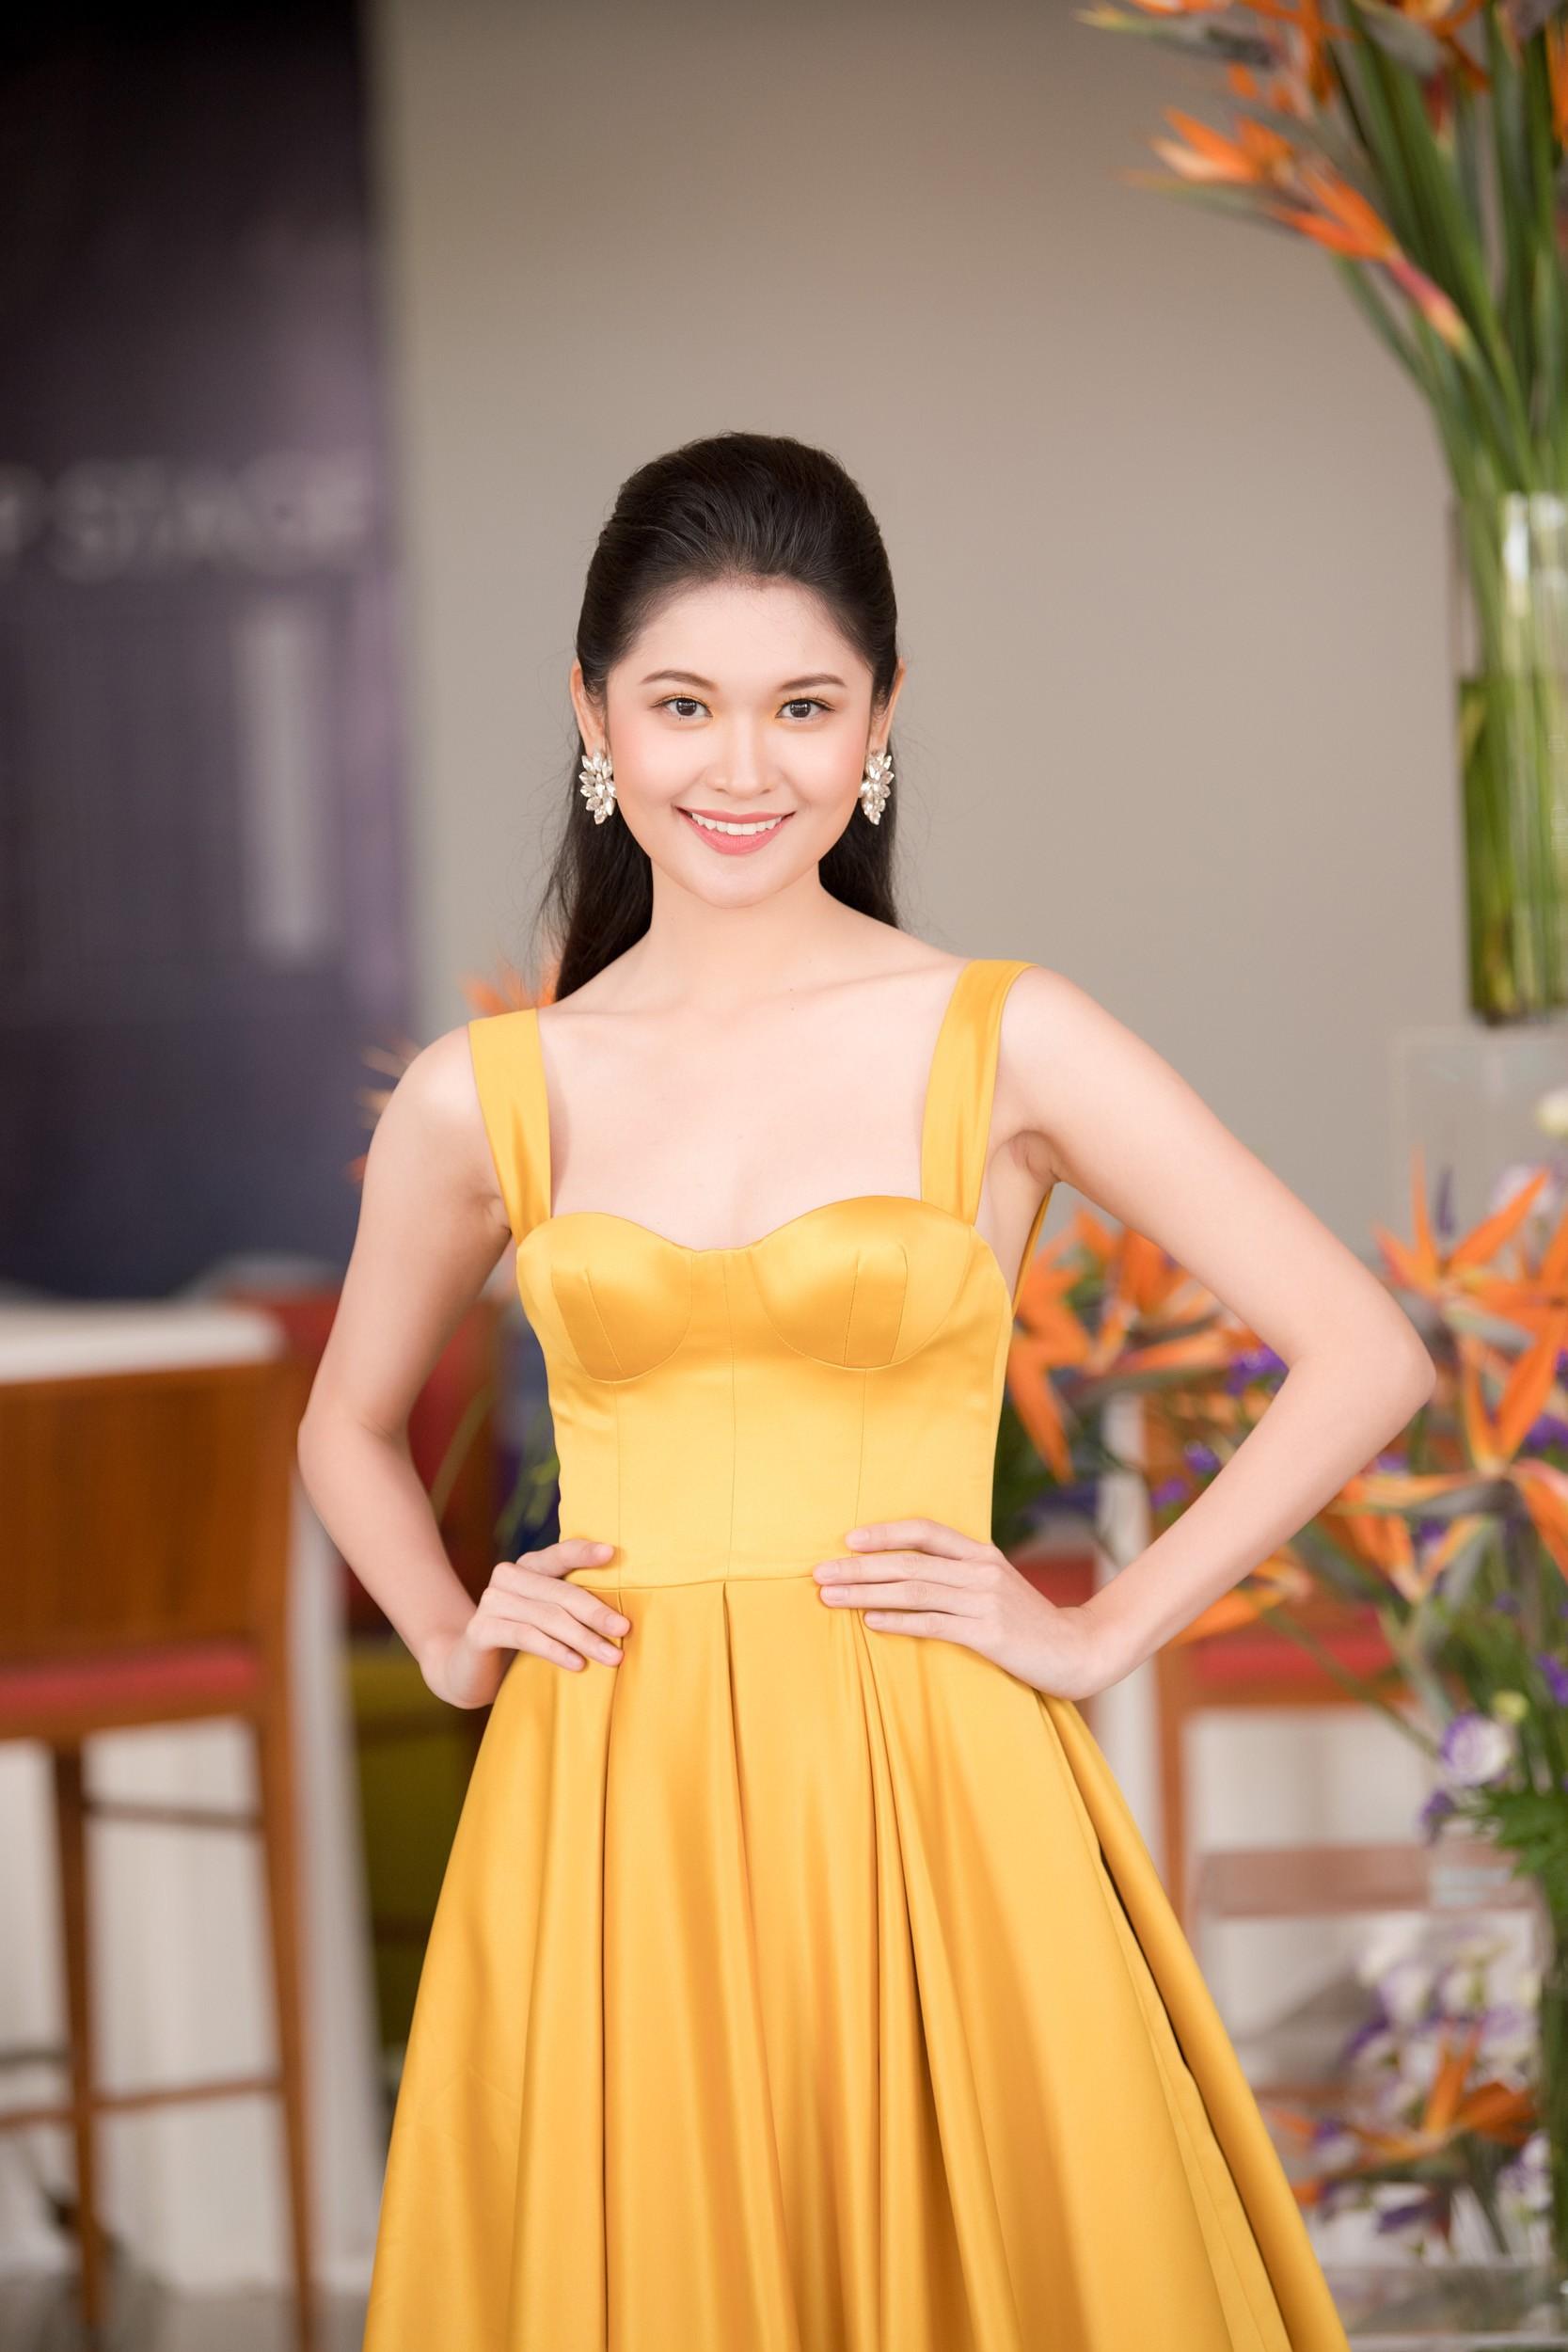 Hoa hậu Việt Nam 2018 mời bác sĩ nha khoa, nhân trắc học nhiều lần tránh để lọt thí sinh phẫu thuật thẩm mỹ - Ảnh 6.